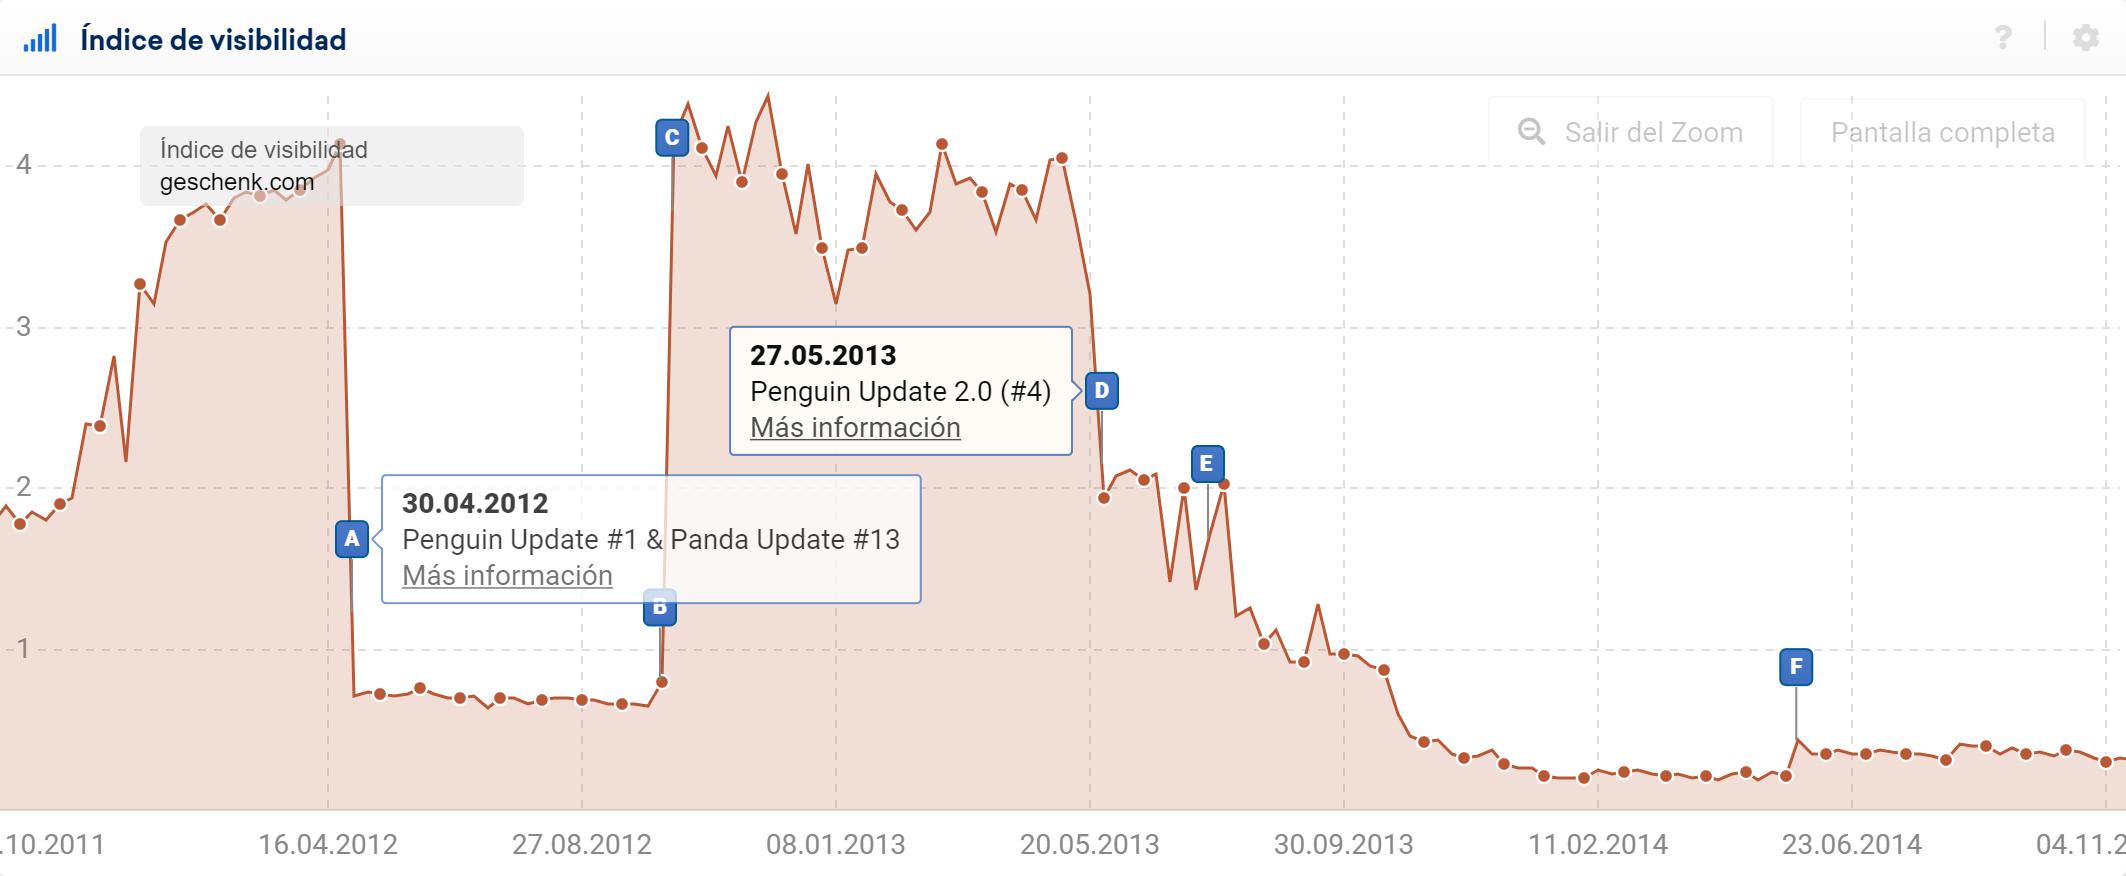 La Visibilidad de este dominio cayó dos veces debido al Penguin Update el 30 de abril de 2012 (B) y el Penguin Update 2.0 el día 27 de mayo de 2013 (E)